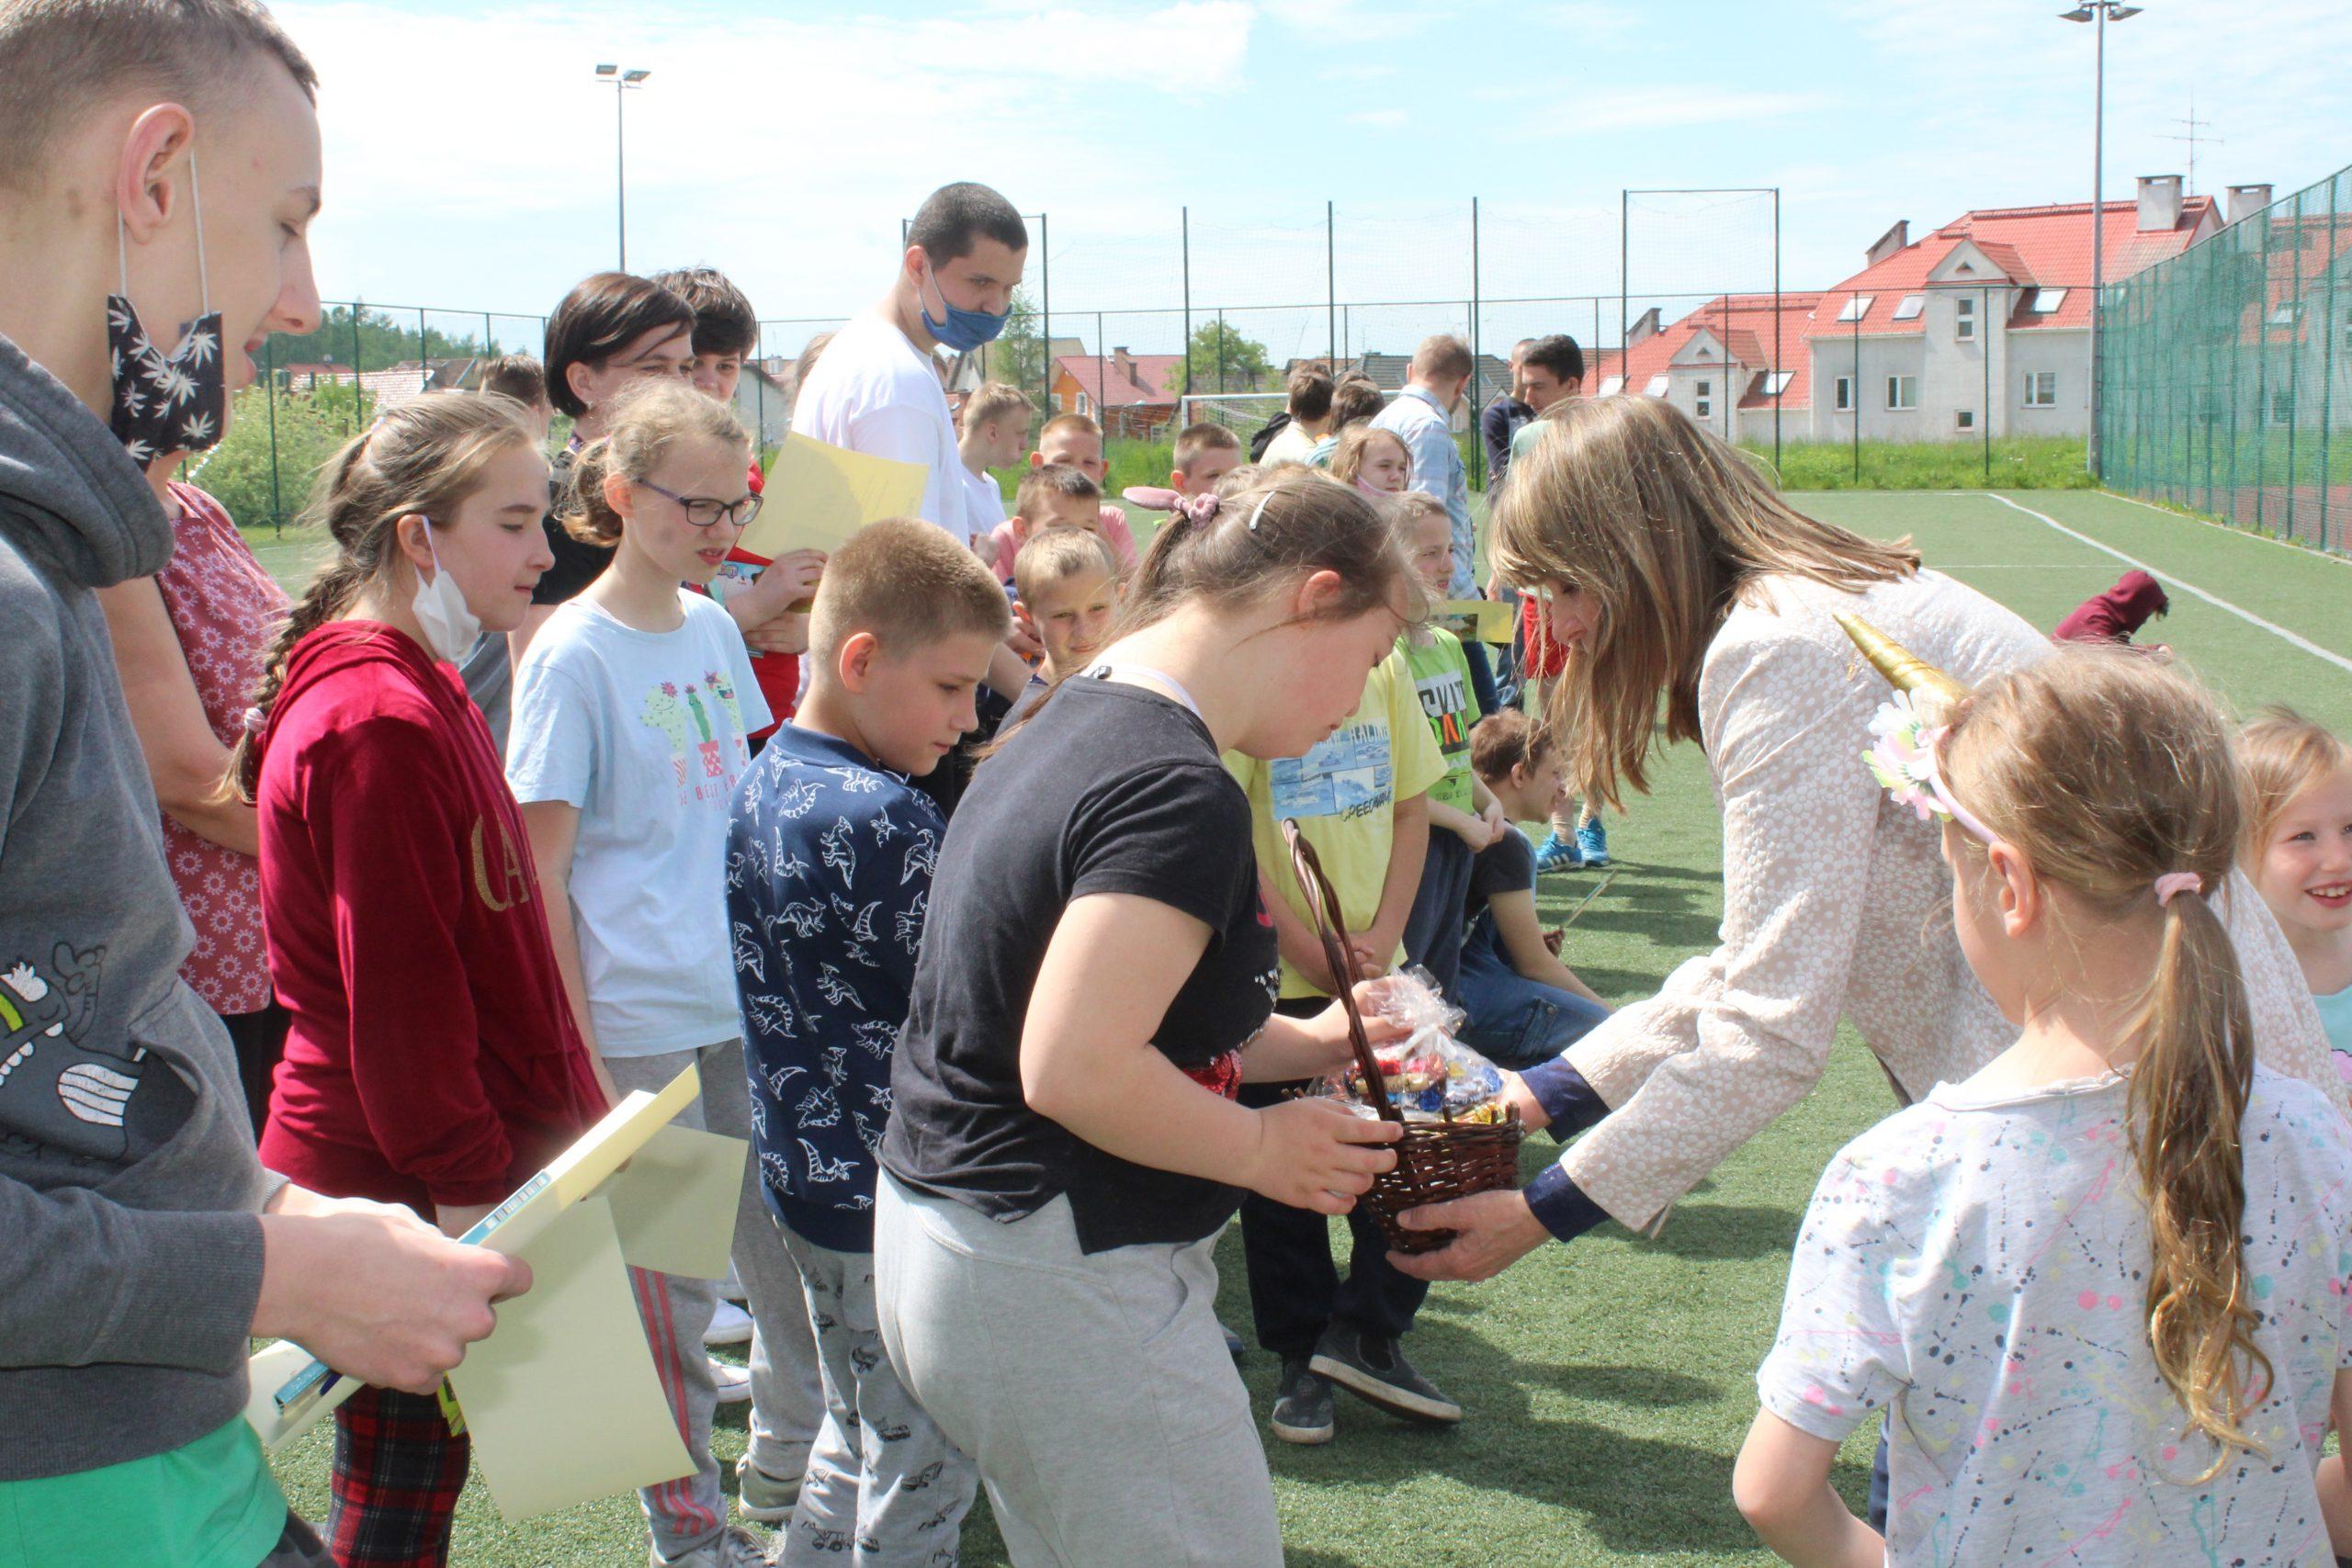 zdjęcie przedstawia przewodniczącą rady i uczniów